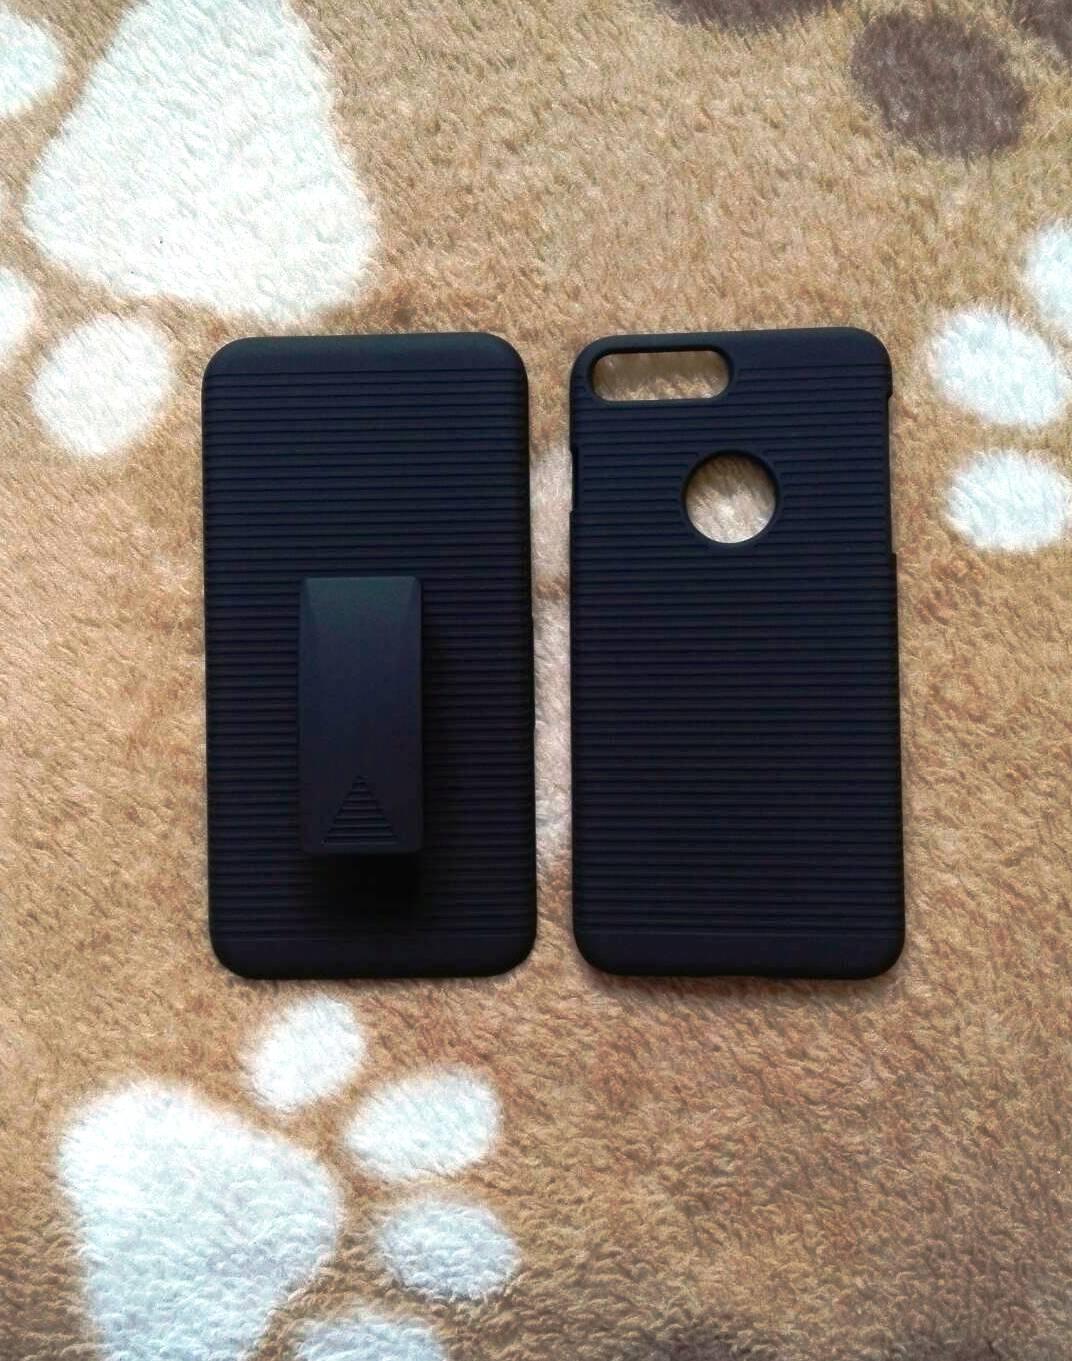 เคสเหน็บเอว สไลด์เก็บ(2ชิ้น) iphone7 plus/iphone8 plus(ใช้เคสตัวเดียวกัน)